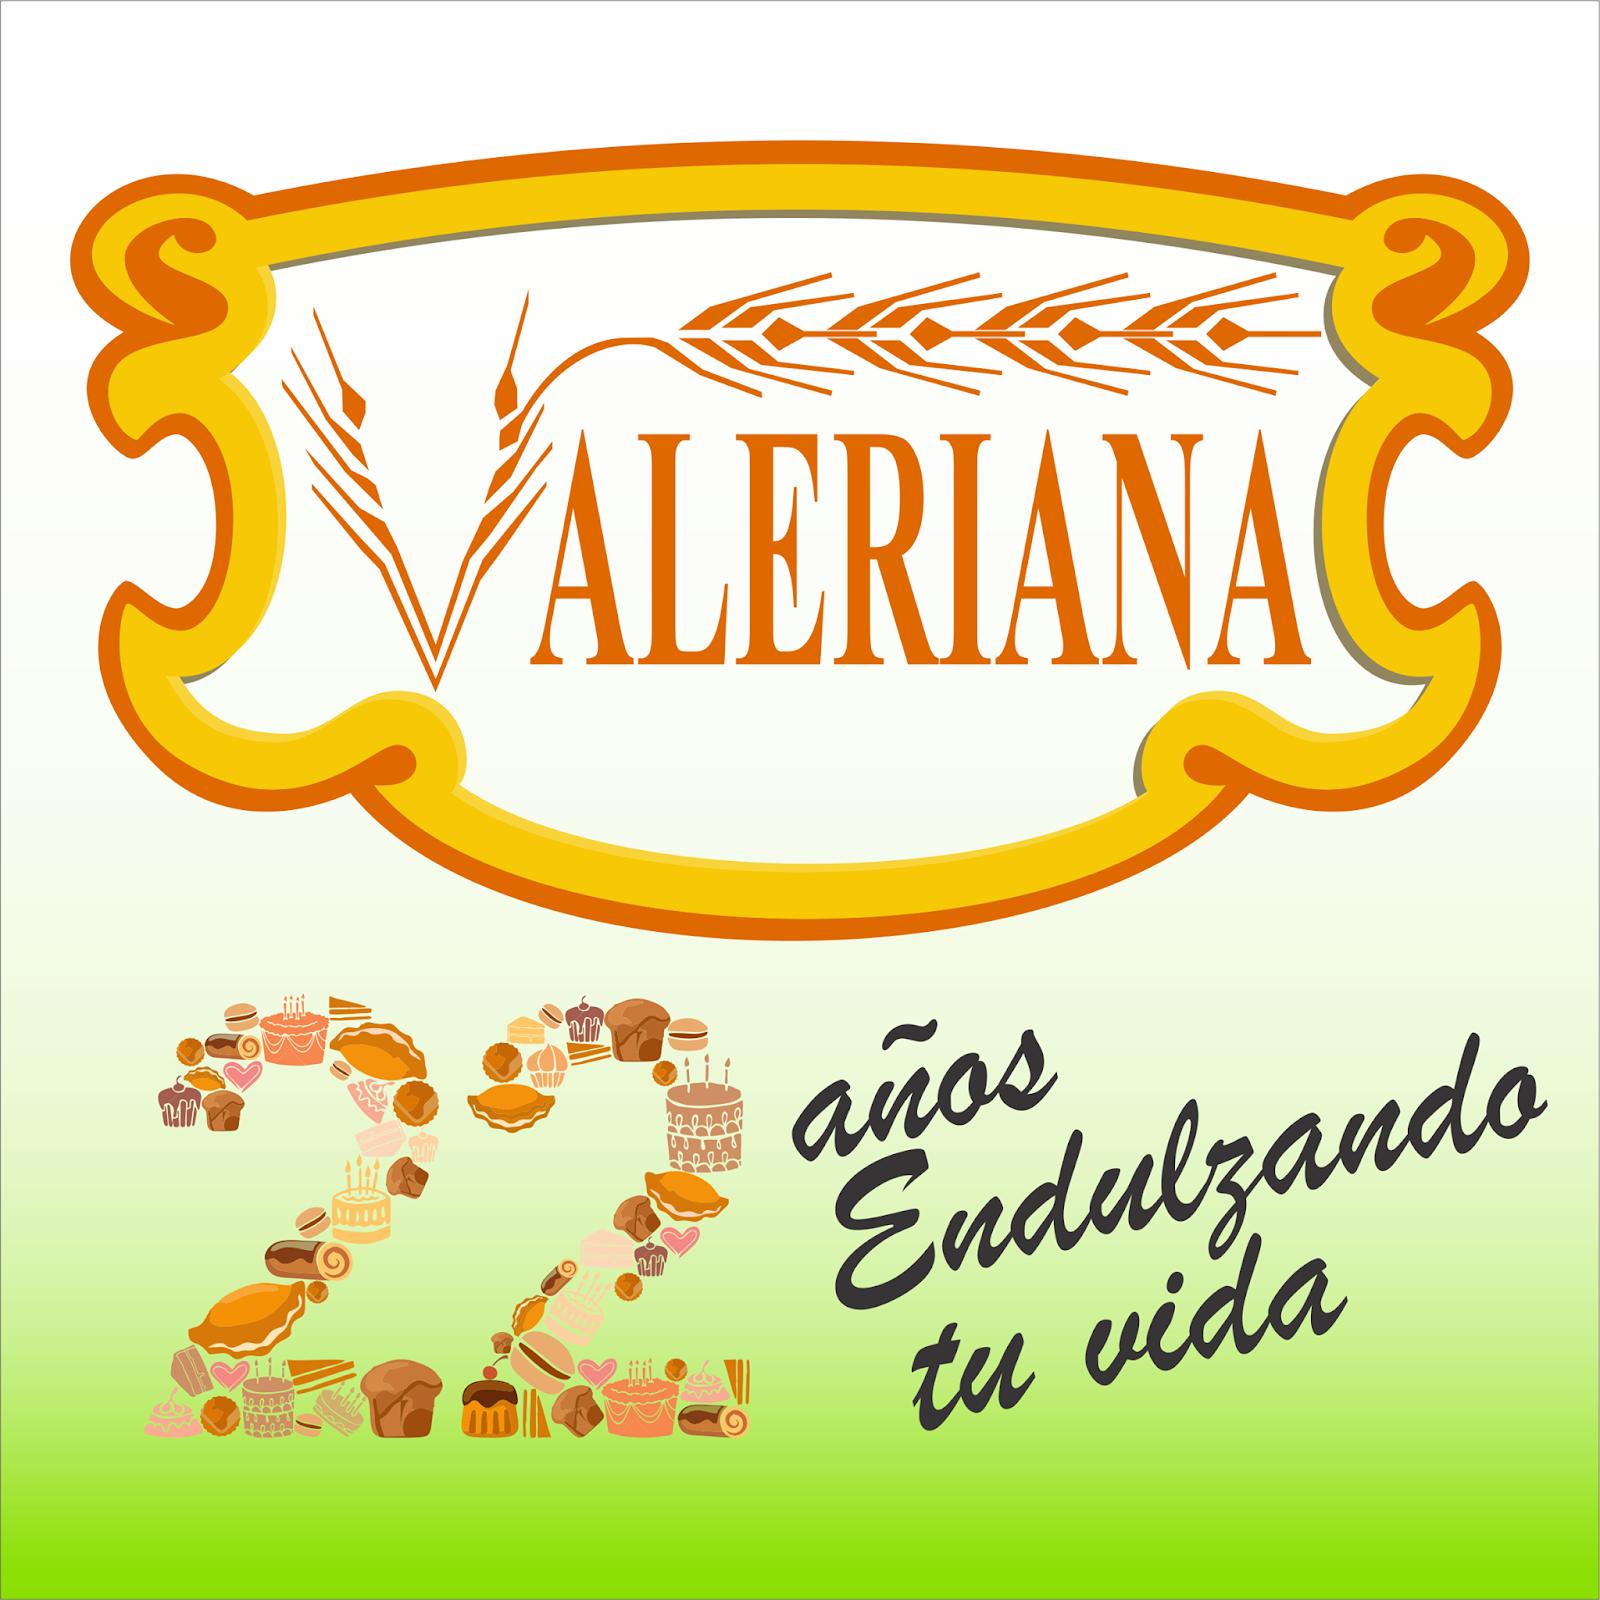 Pastelería Valeriana